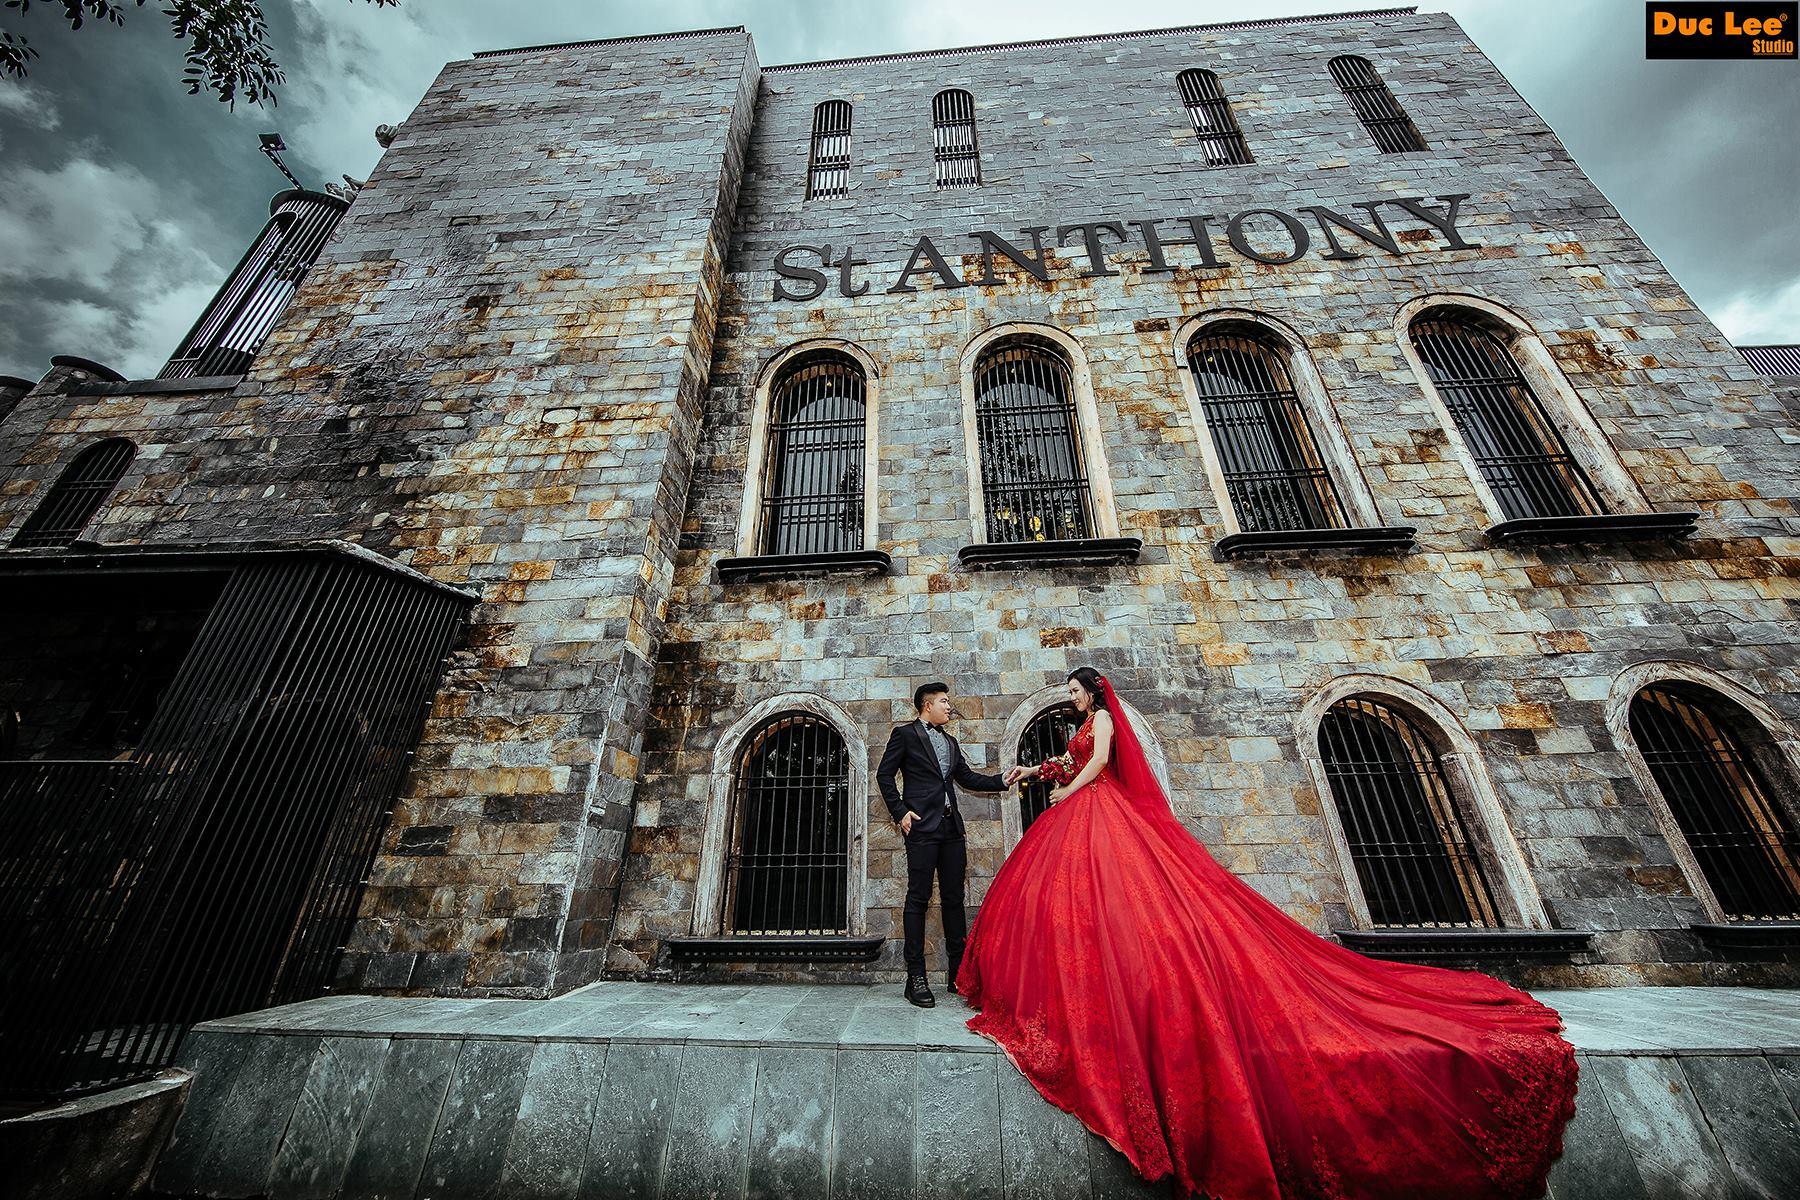 Ảnh cưới tại Phim trường Long Island